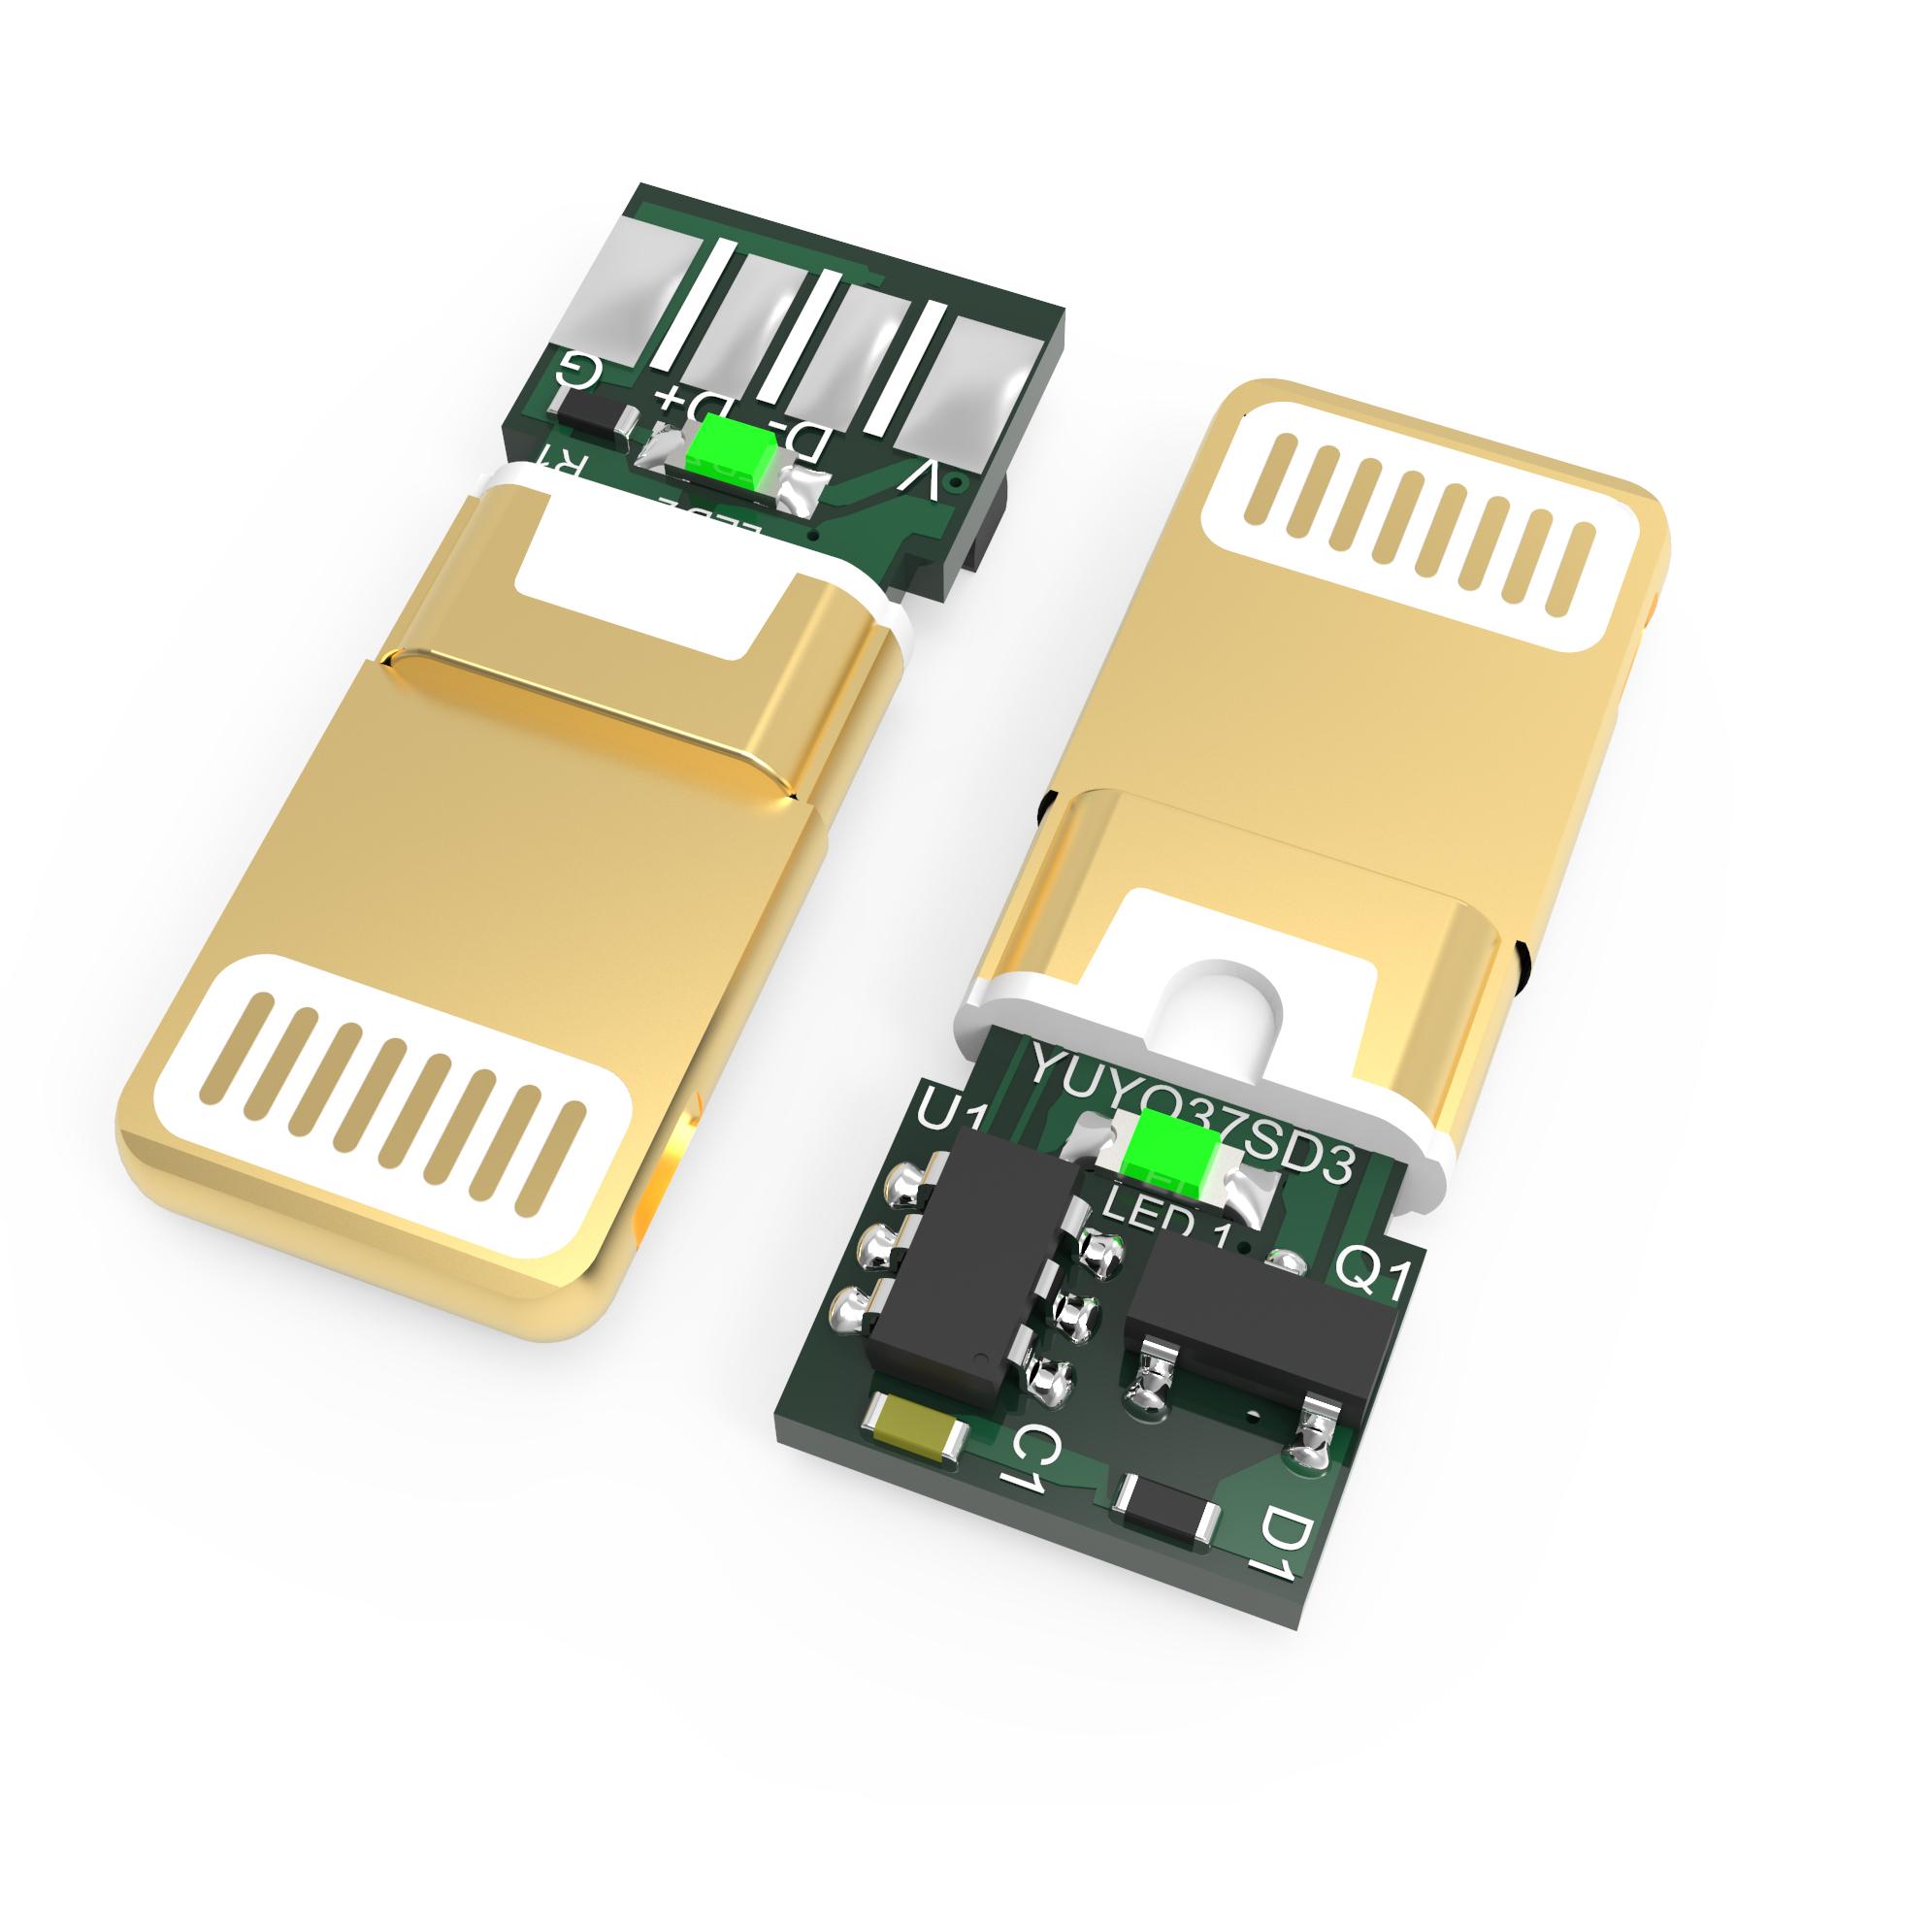 苹果8pin连接插头YUYO37SD3 加锡 黄金头